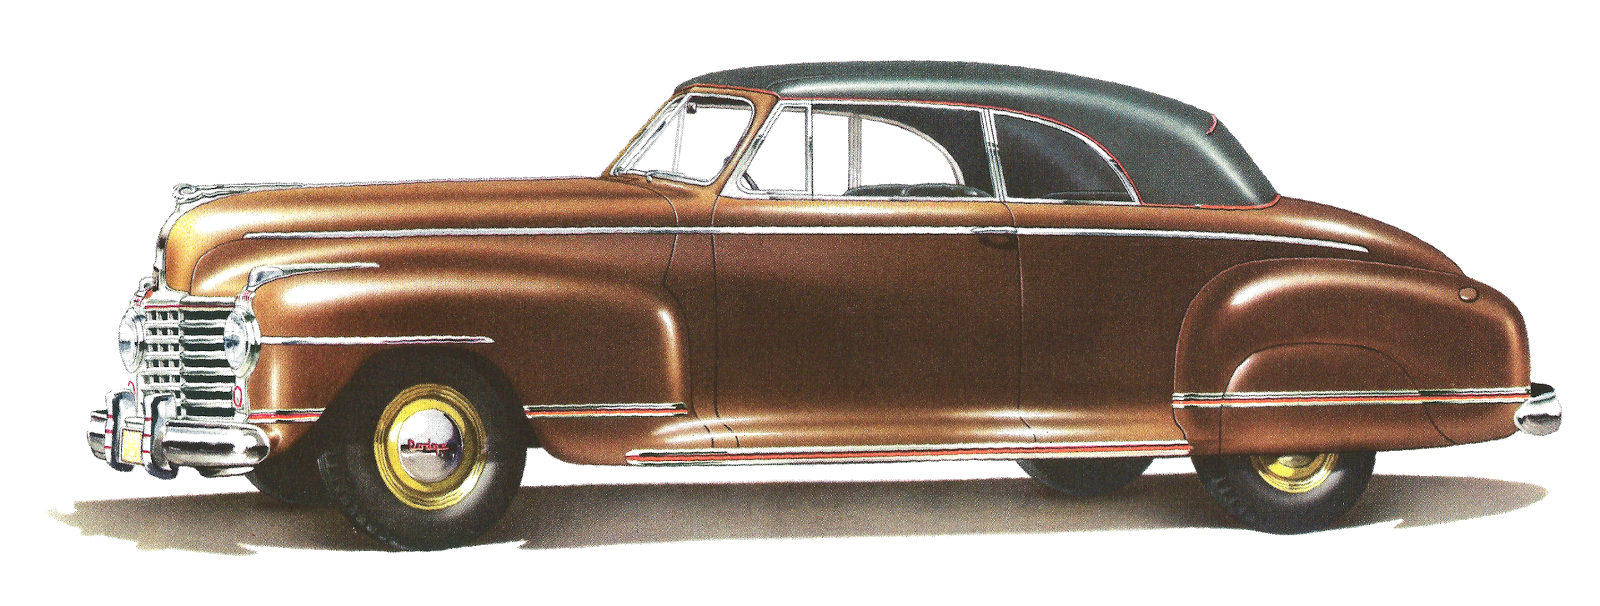 Clipart classic car banner Antique Images: Vintage Car Images Digital Clip Art 1940 Dodge Coupe ... banner